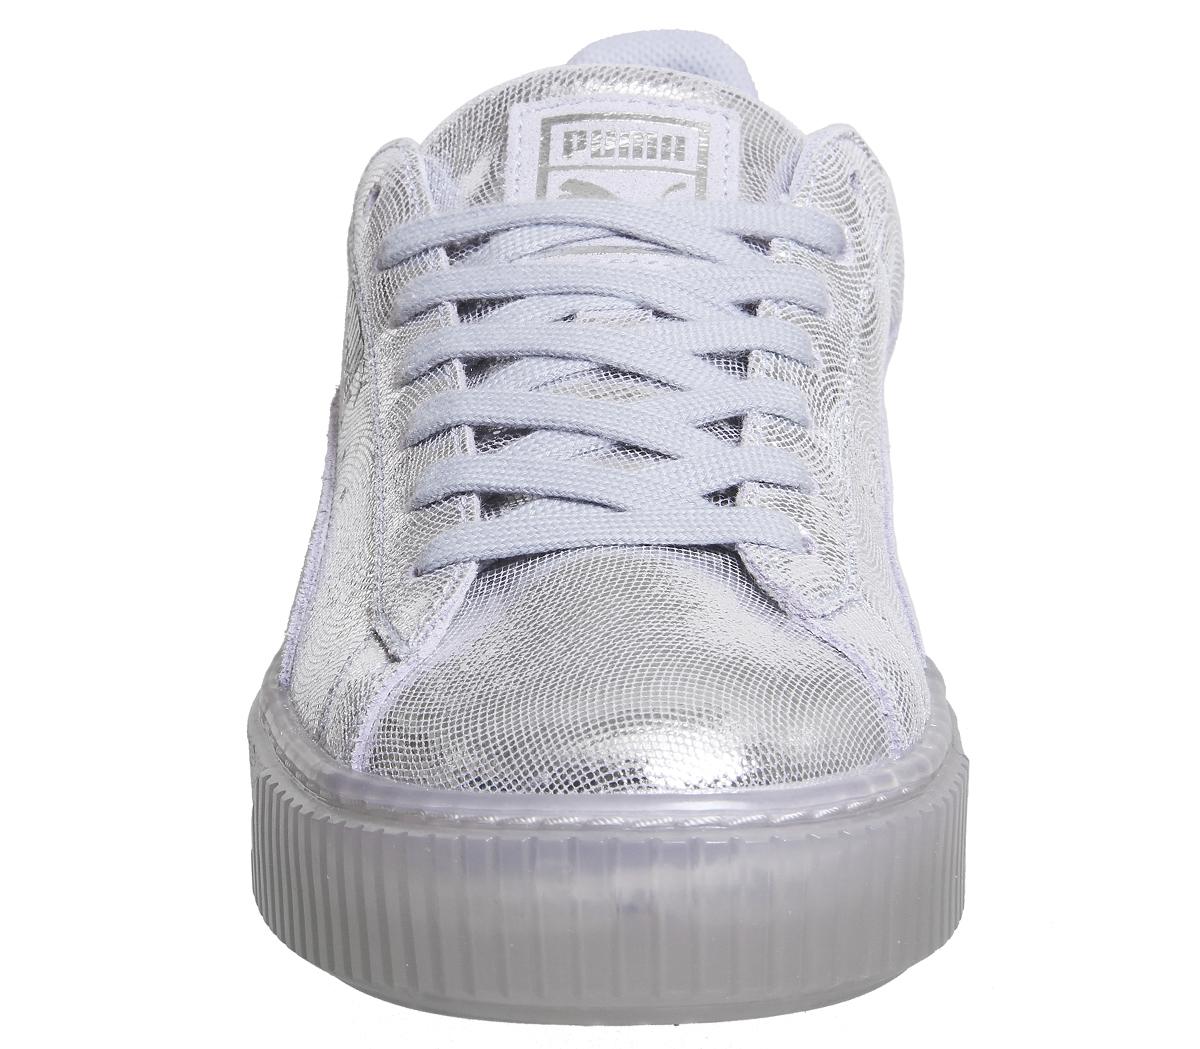 buy popular e7db7 9bbc8 ... Zapatillas para mujer plataforma de cesta de Puma islandés Azul Brillo  Zapatillas Zapatos ...